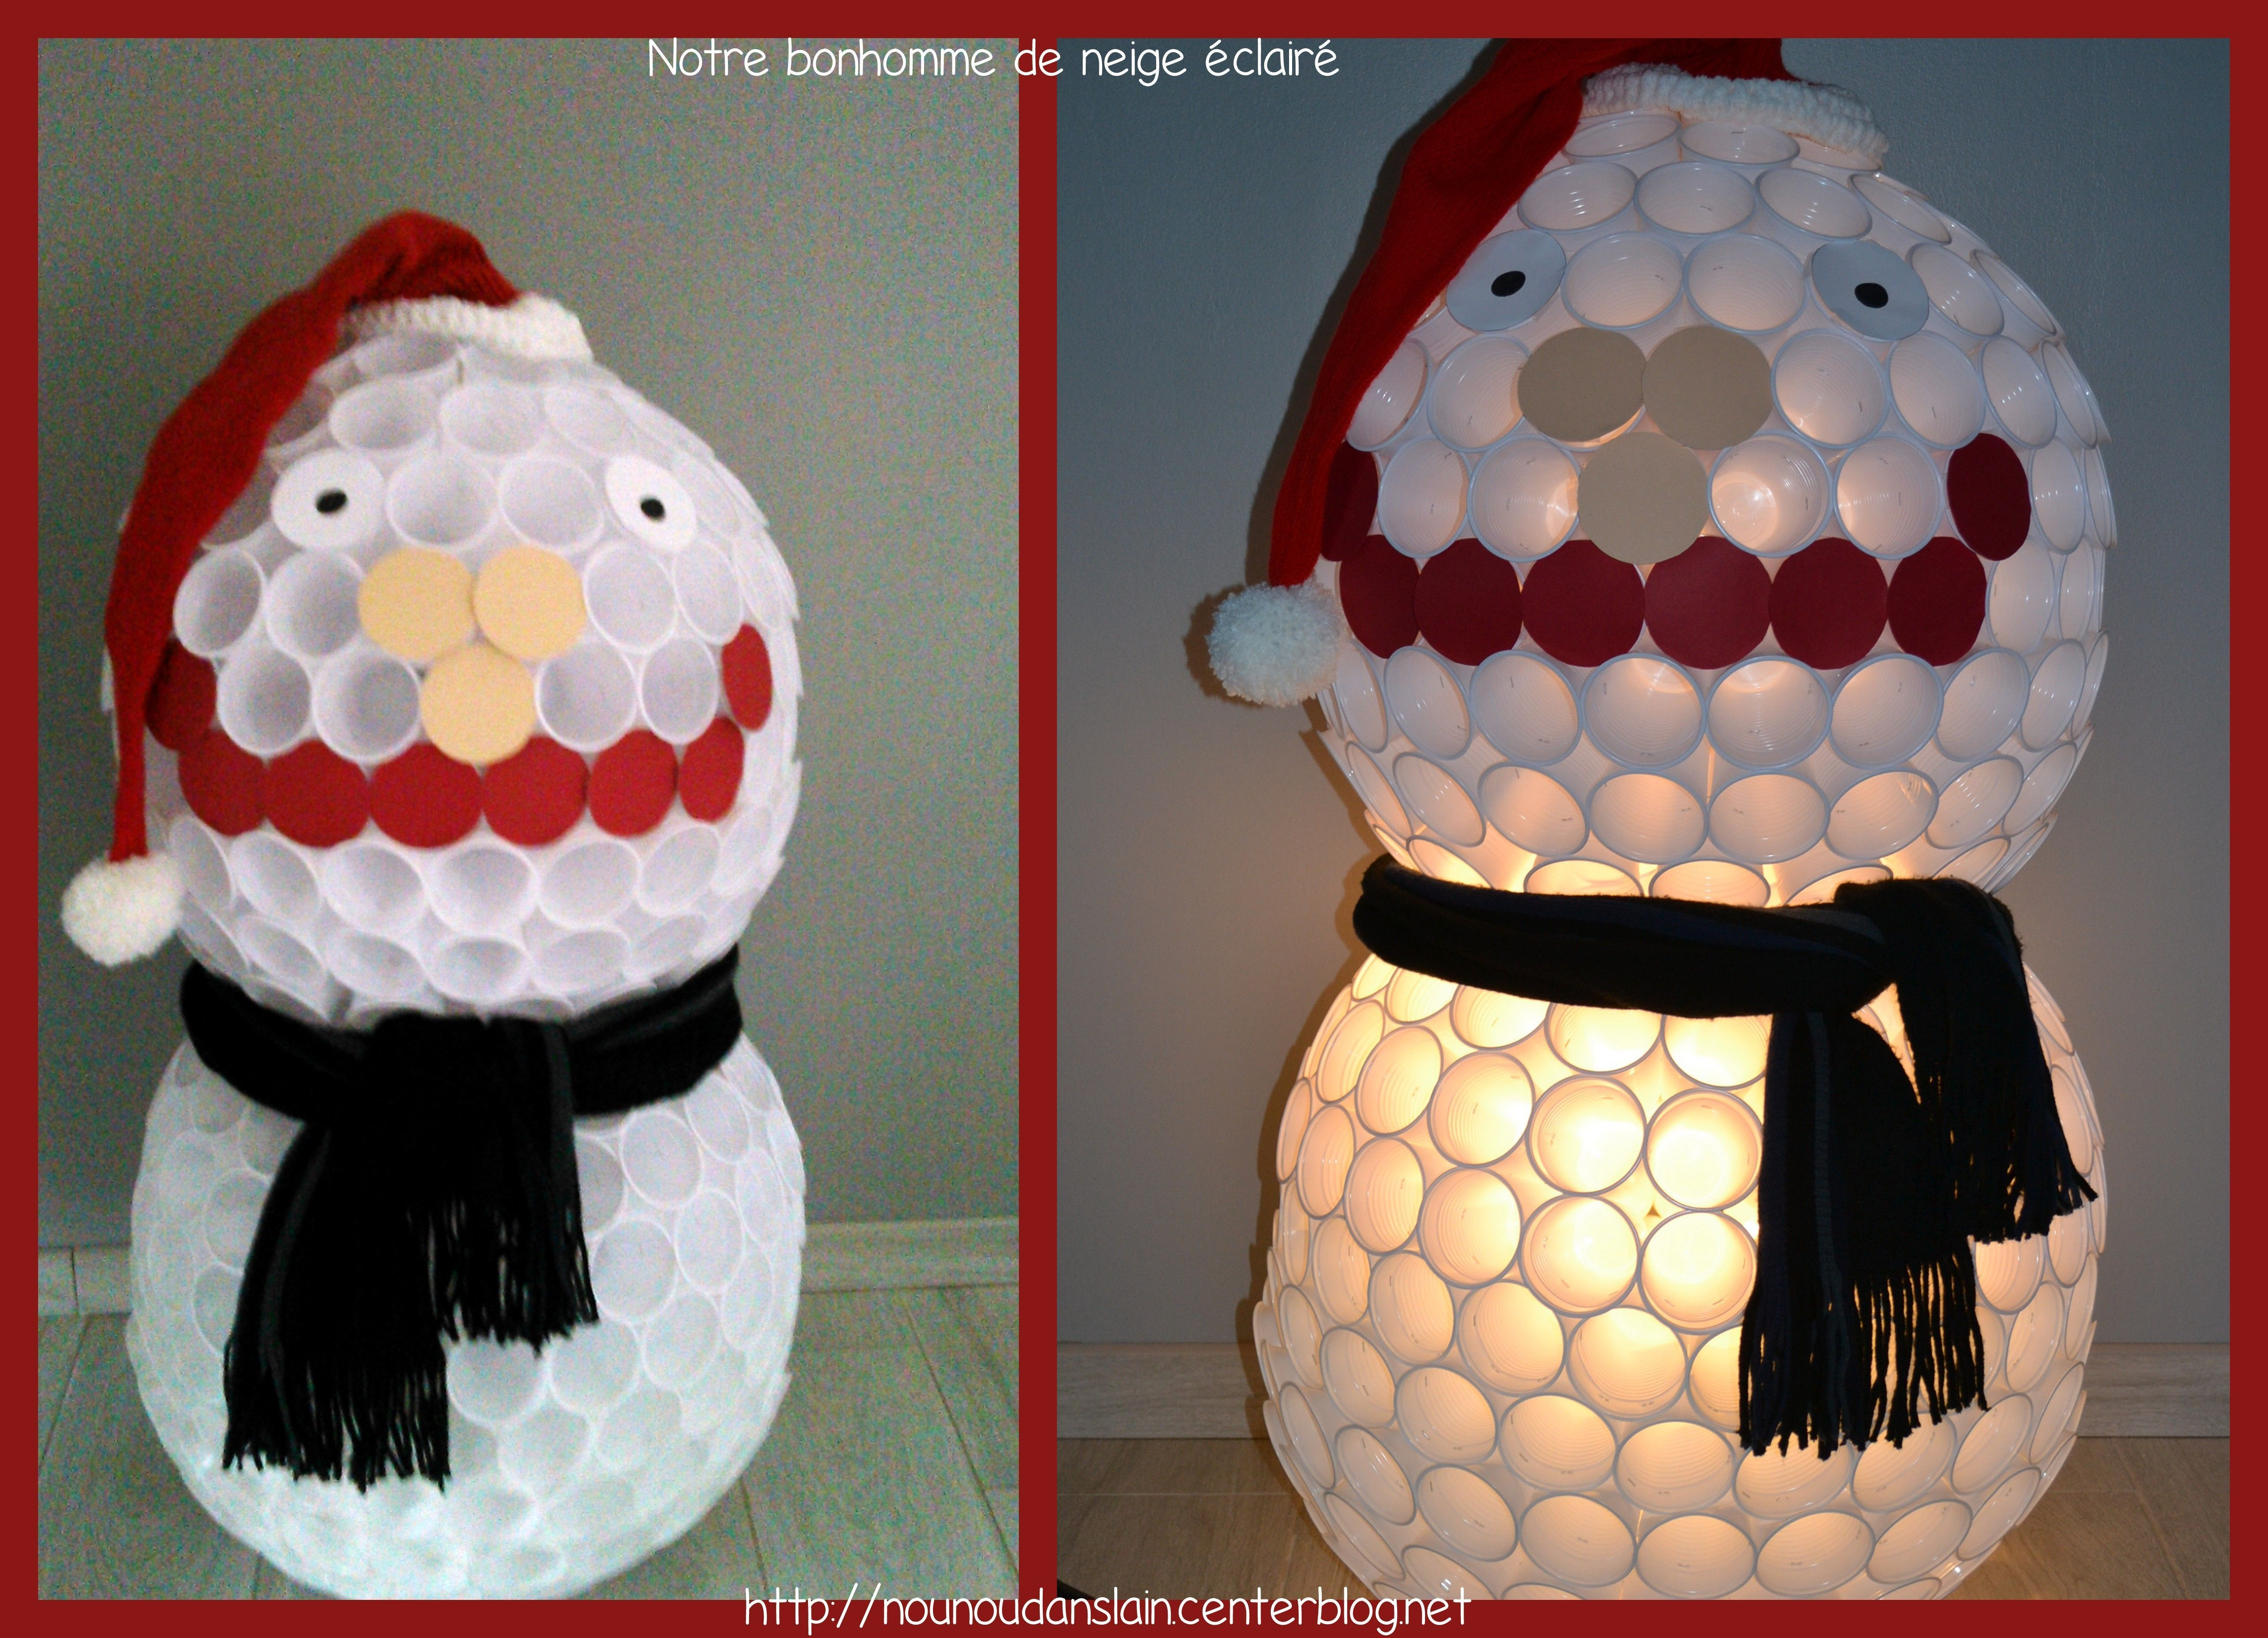 Notre bonhomme de neige - Bonhomme de neige gobelet plastique ...